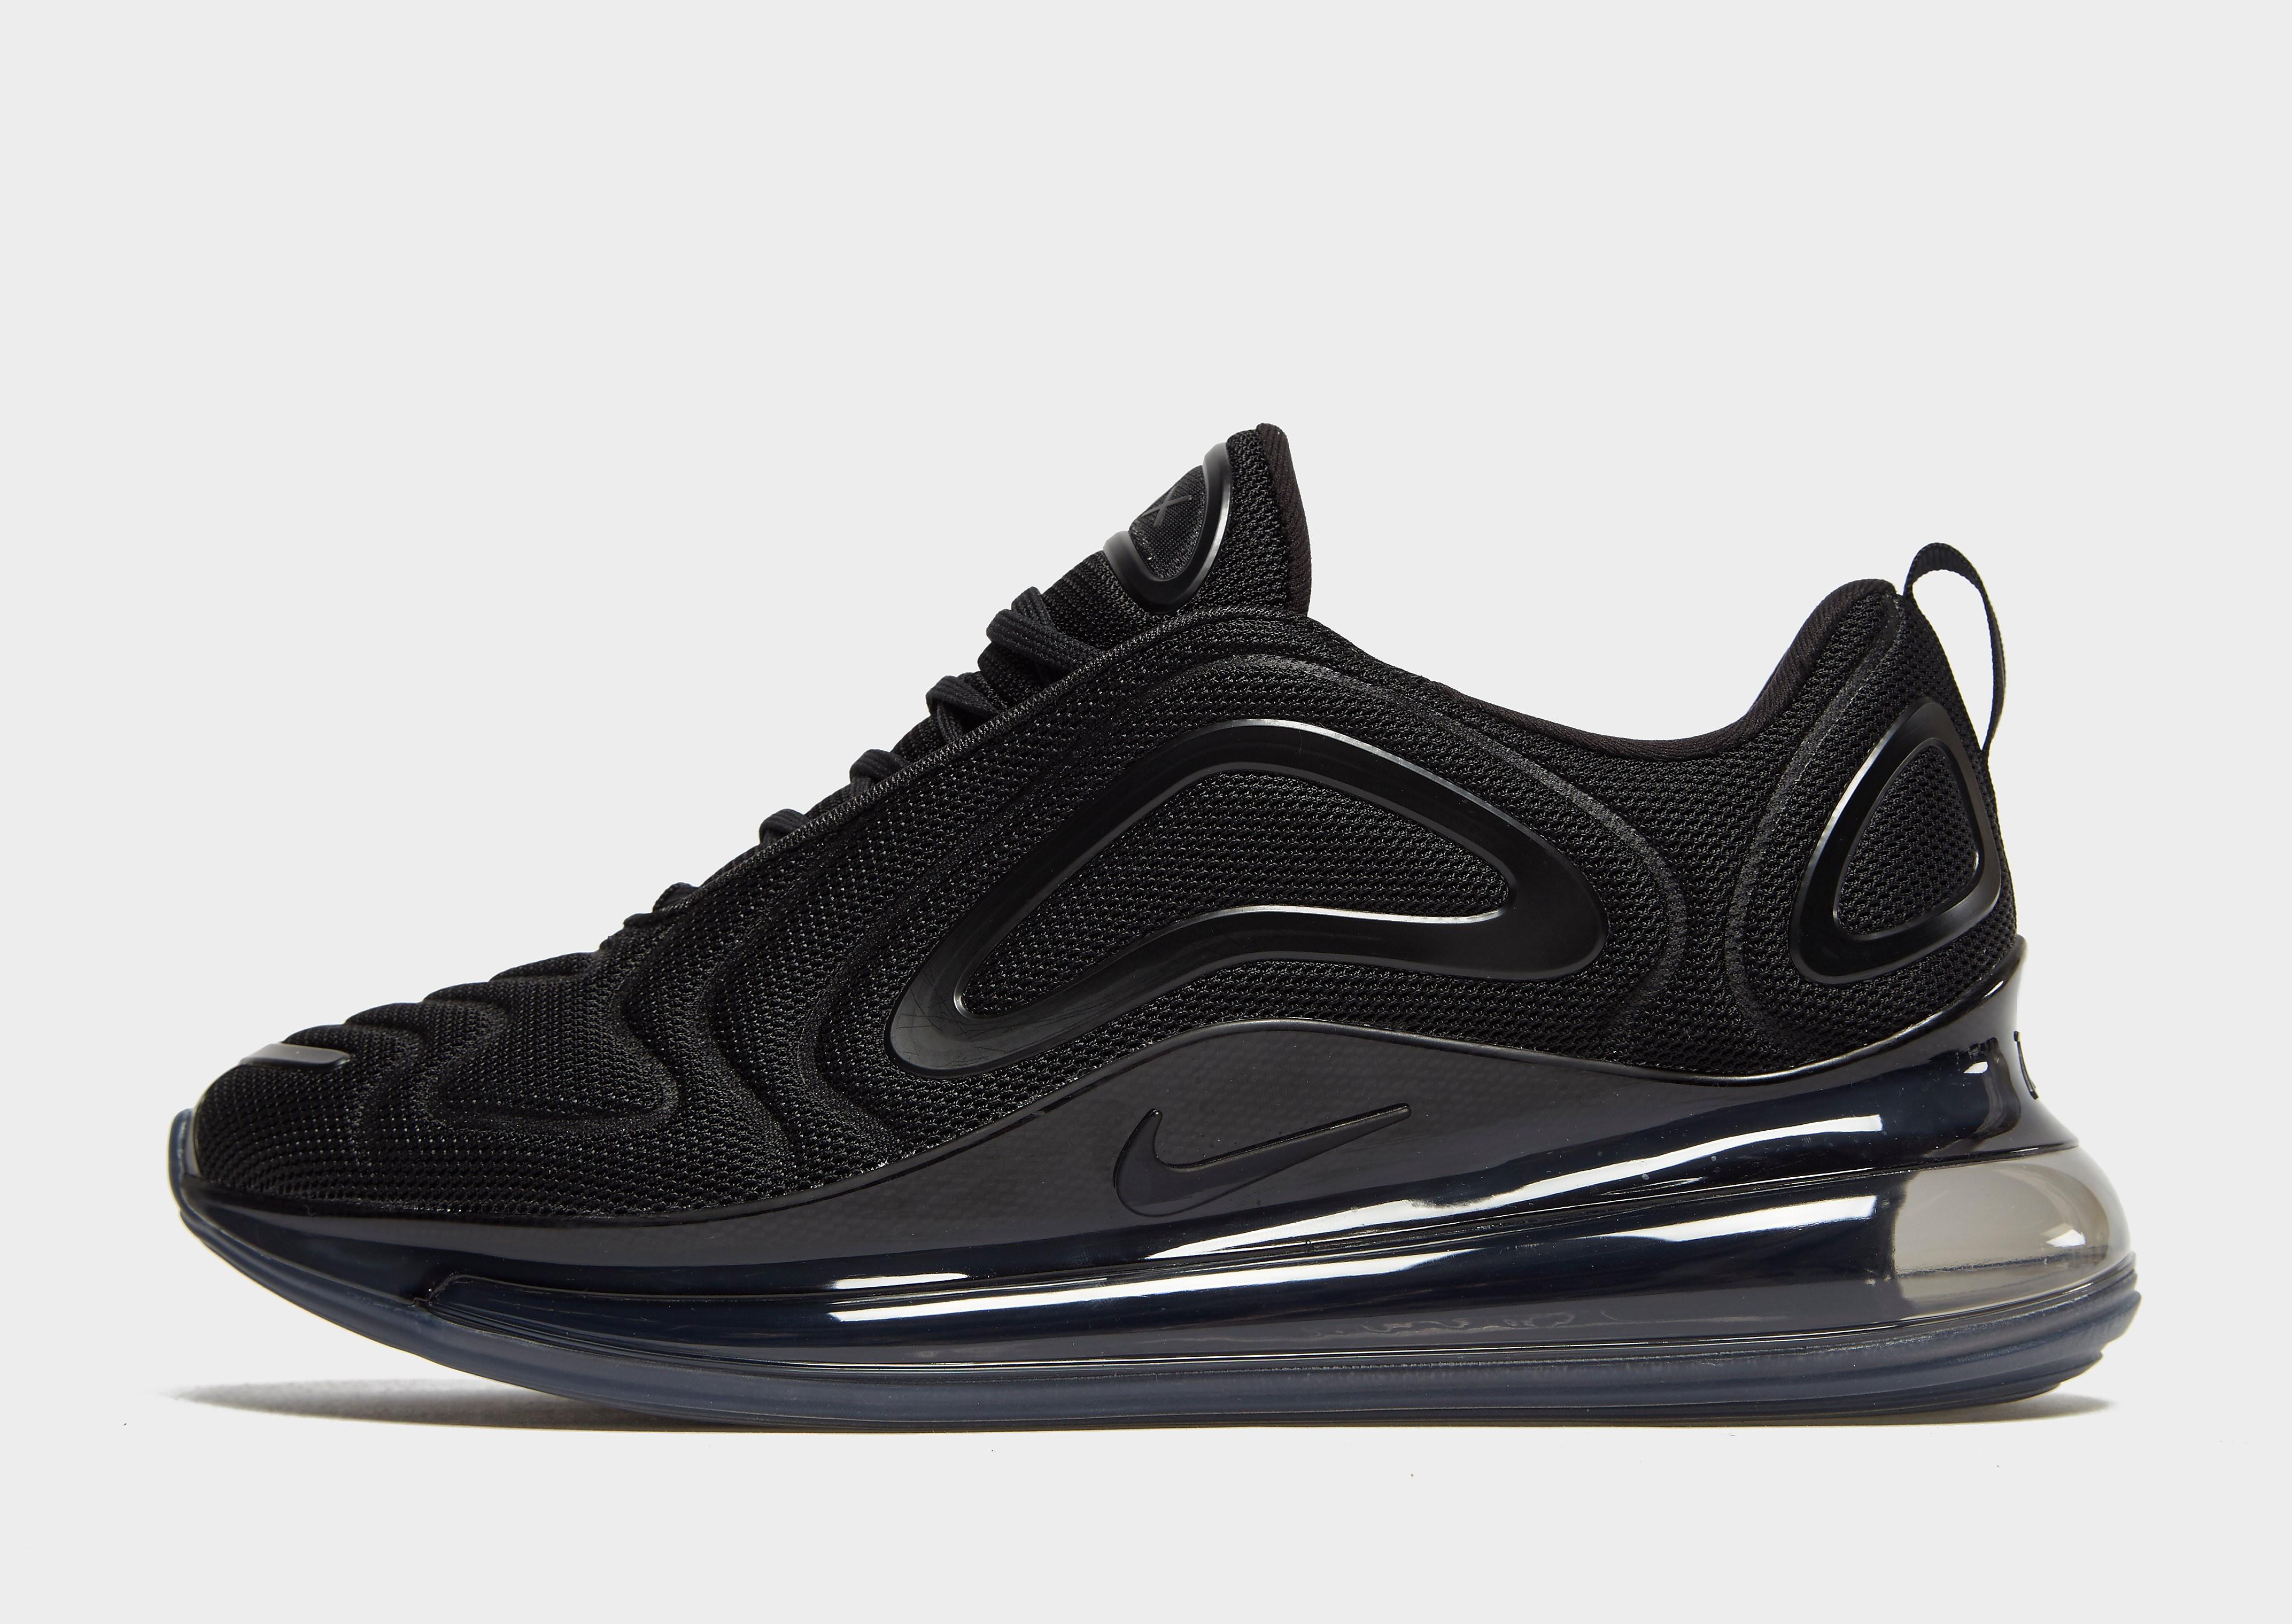 Nike Air Max 720 kindersneaker zwart